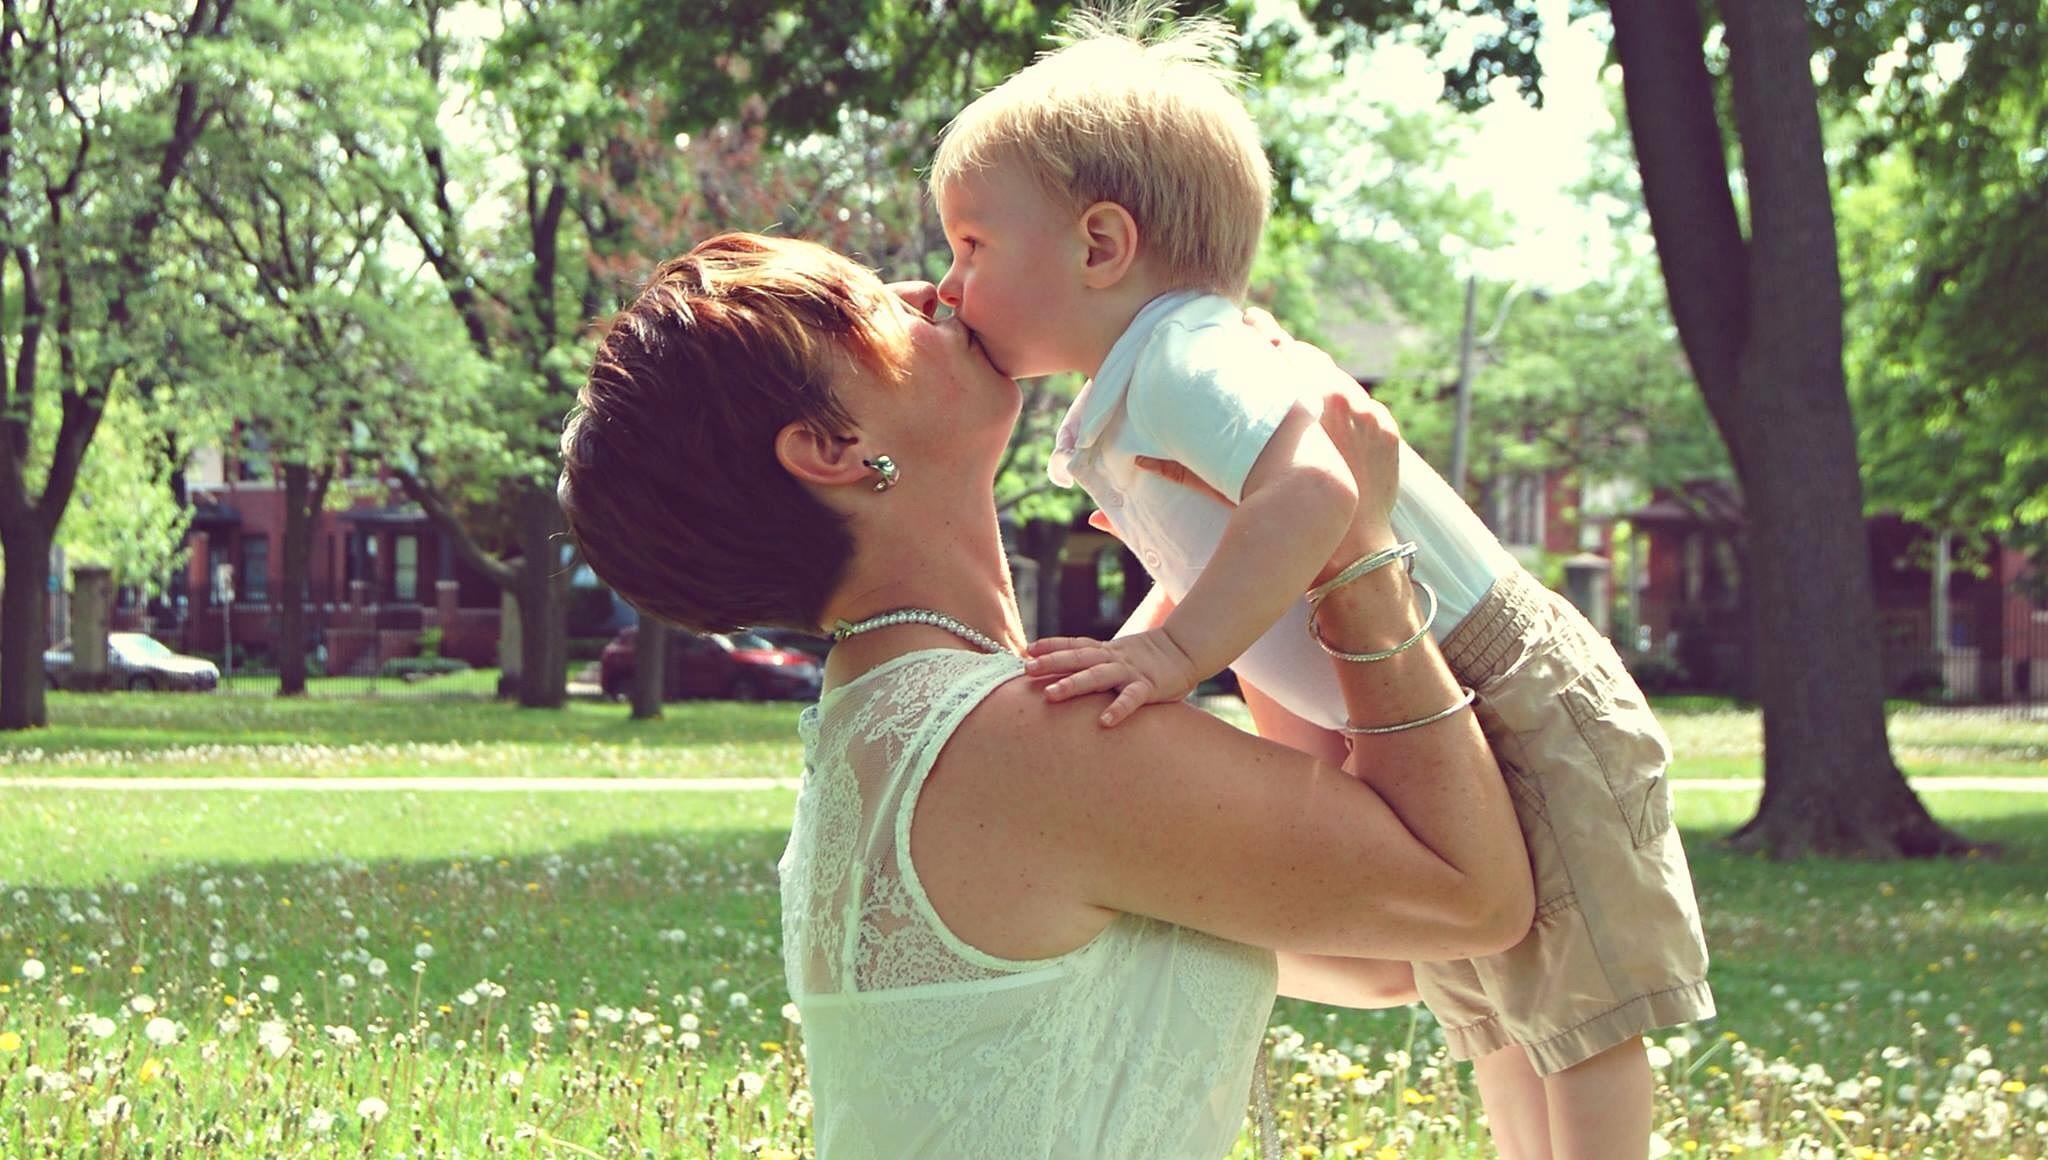 mothers_love  by Loren Fae